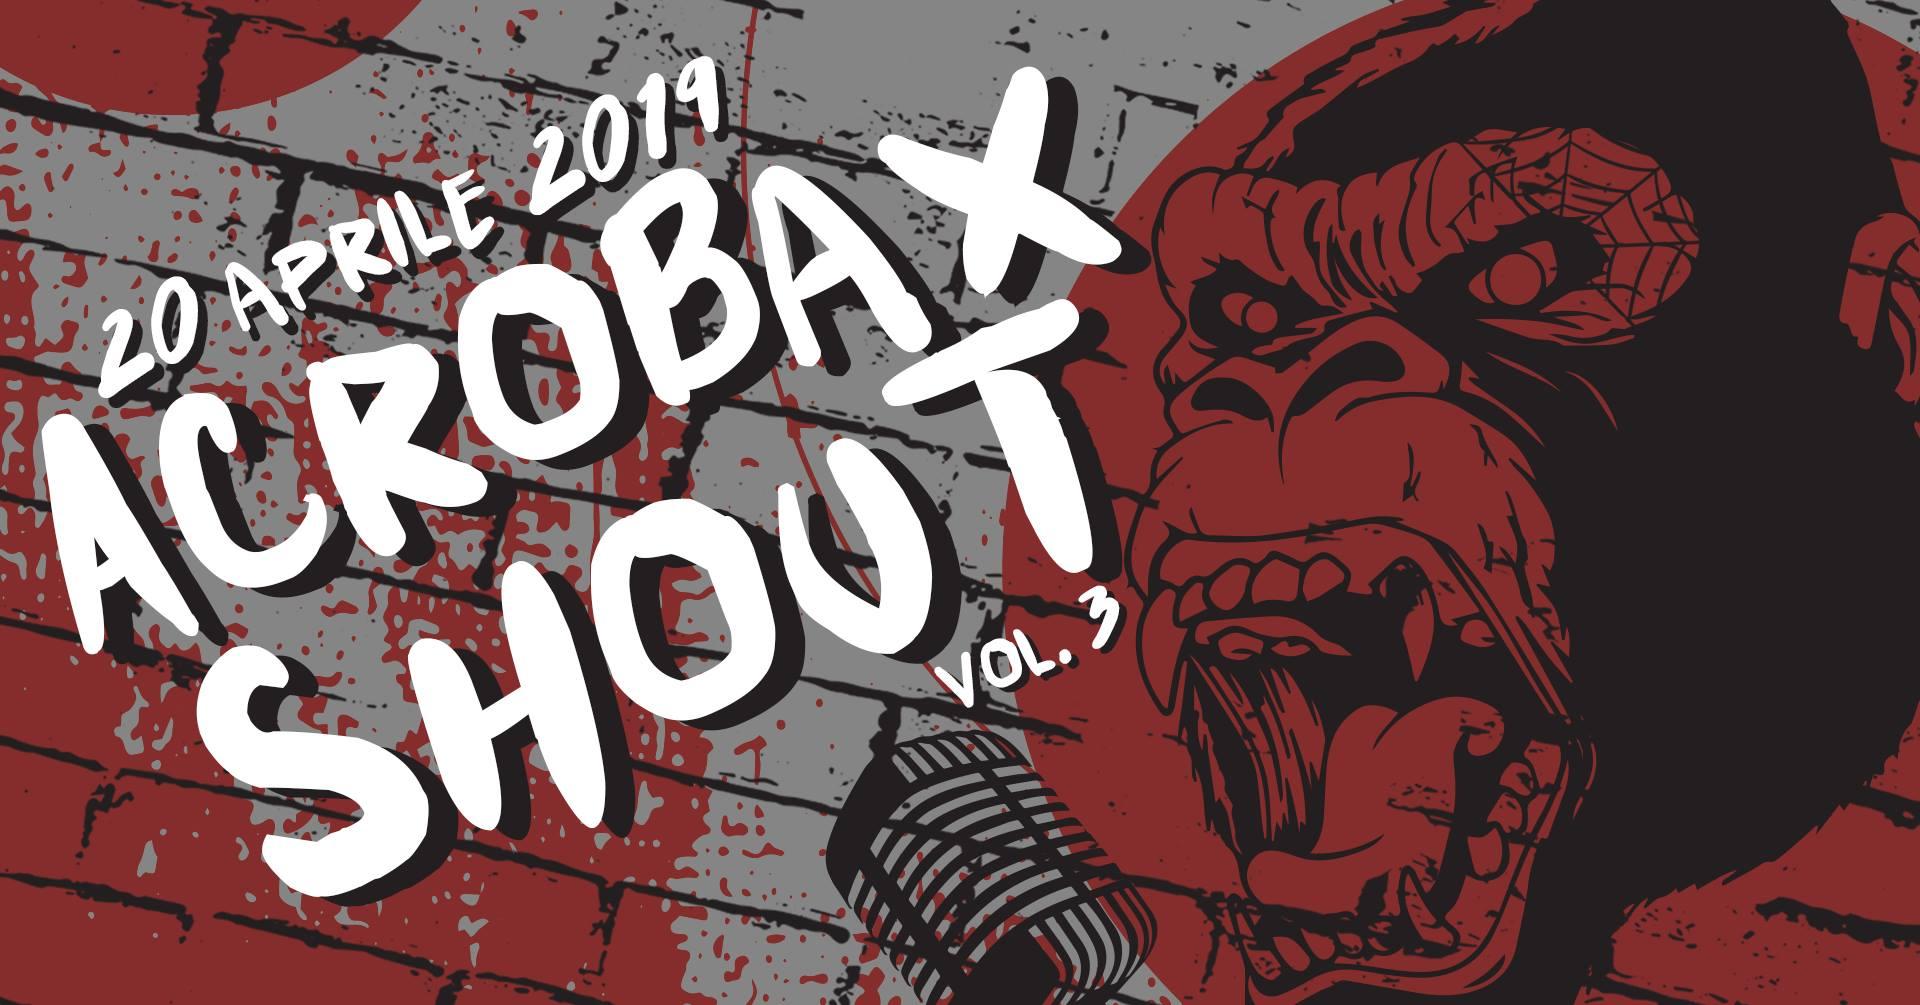 Sabato 20 Aprile/ Acrobax Shout vol.3